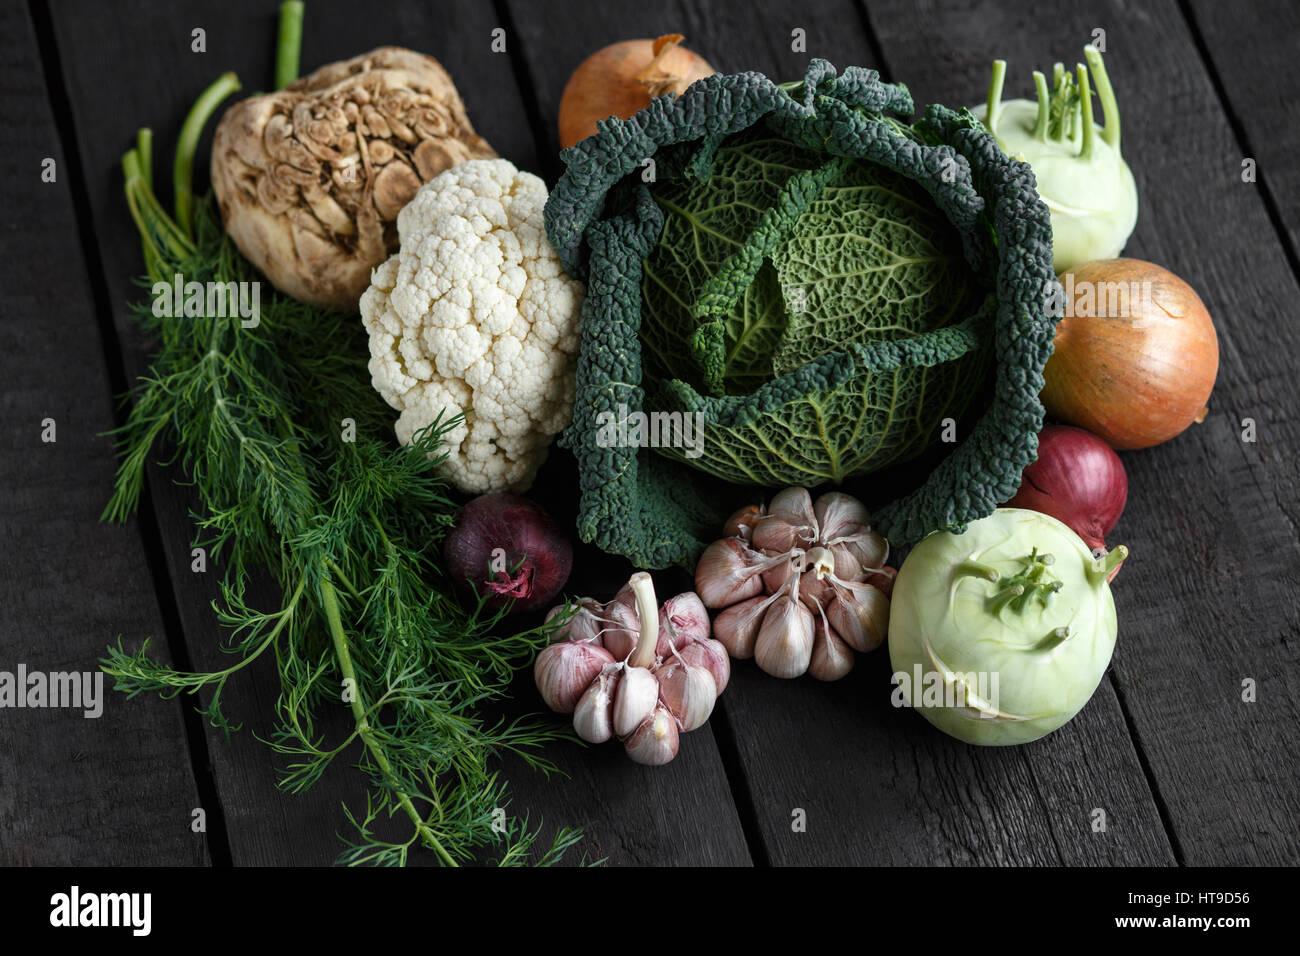 Frühling Gemüse auf einem dunklen Hintergrund: Wirsing, Blumenkohl, Zwiebeln, Knoblauch, Kohlrabi, Sellerie, Stockbild